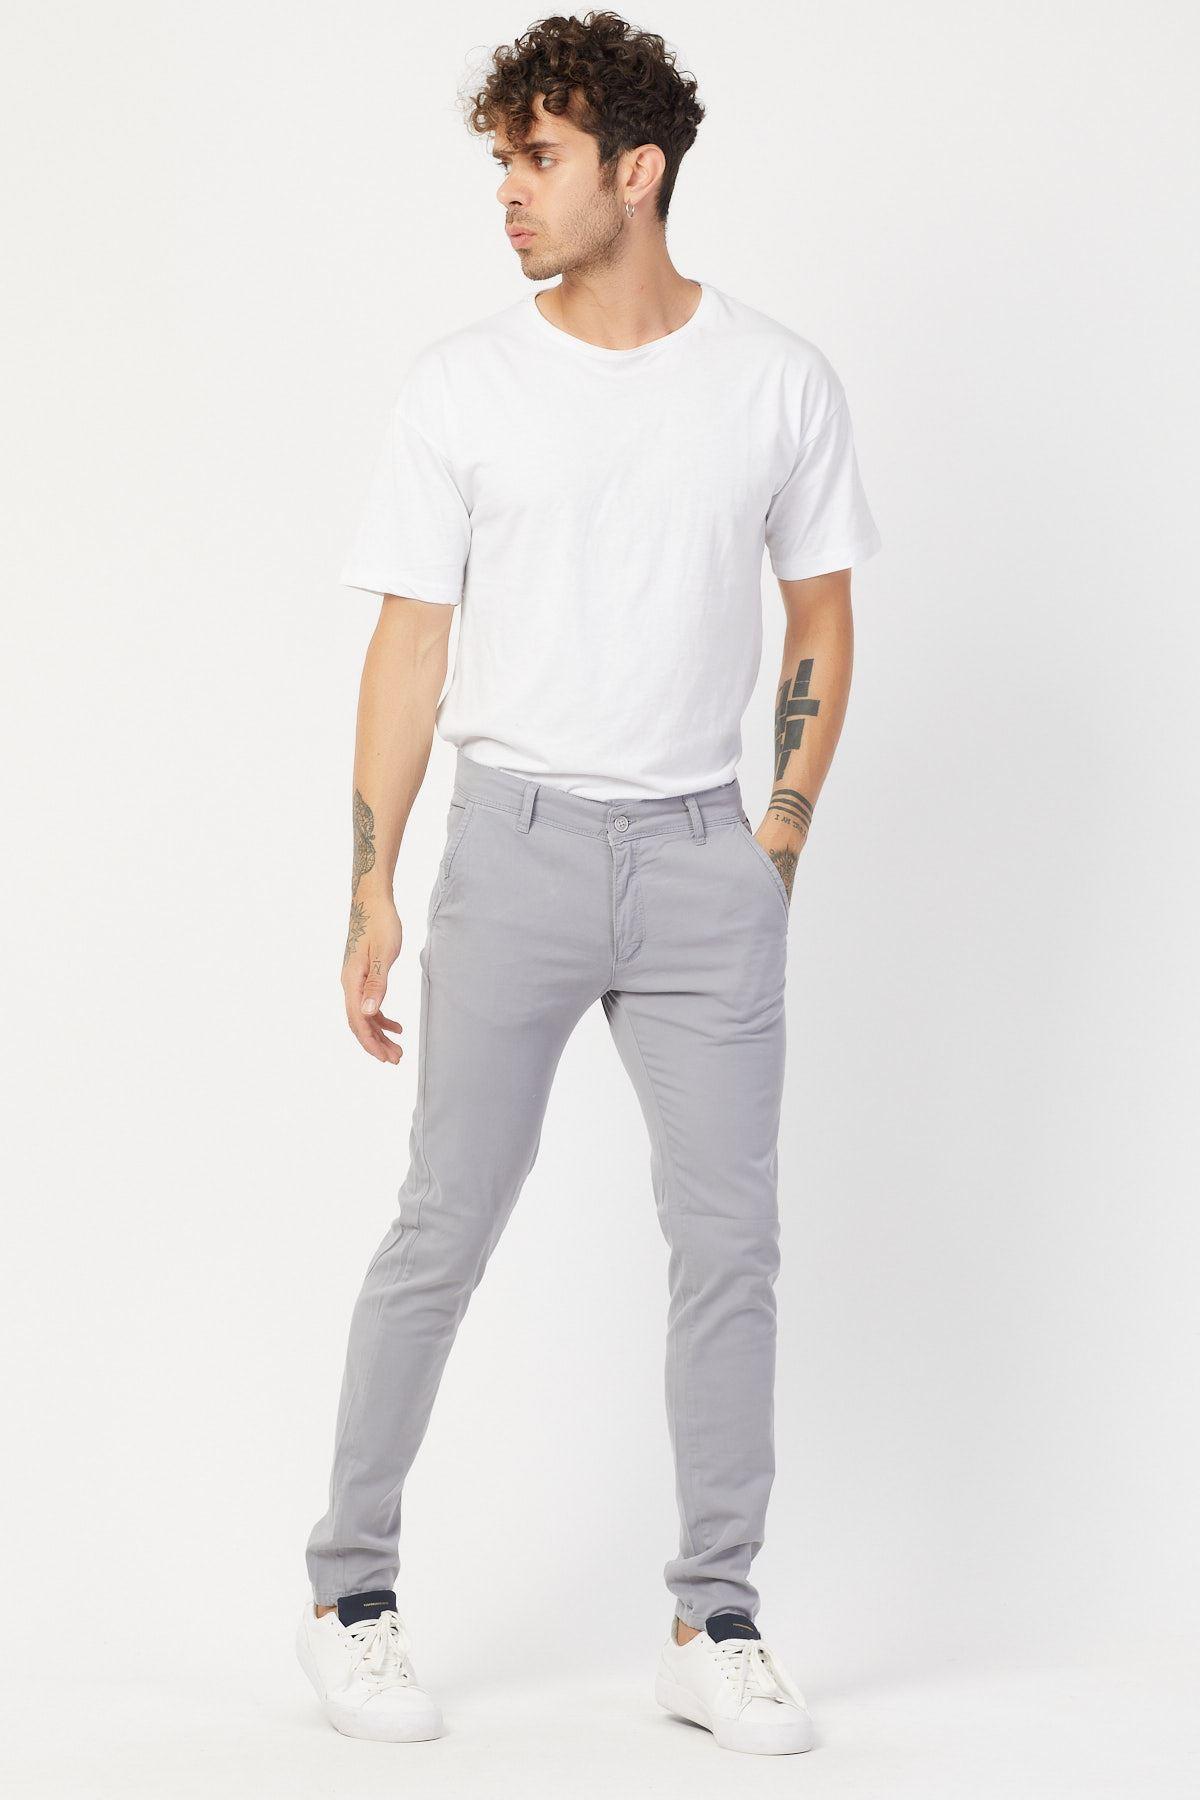 Yandan Cepli Gri Keten Pantolon